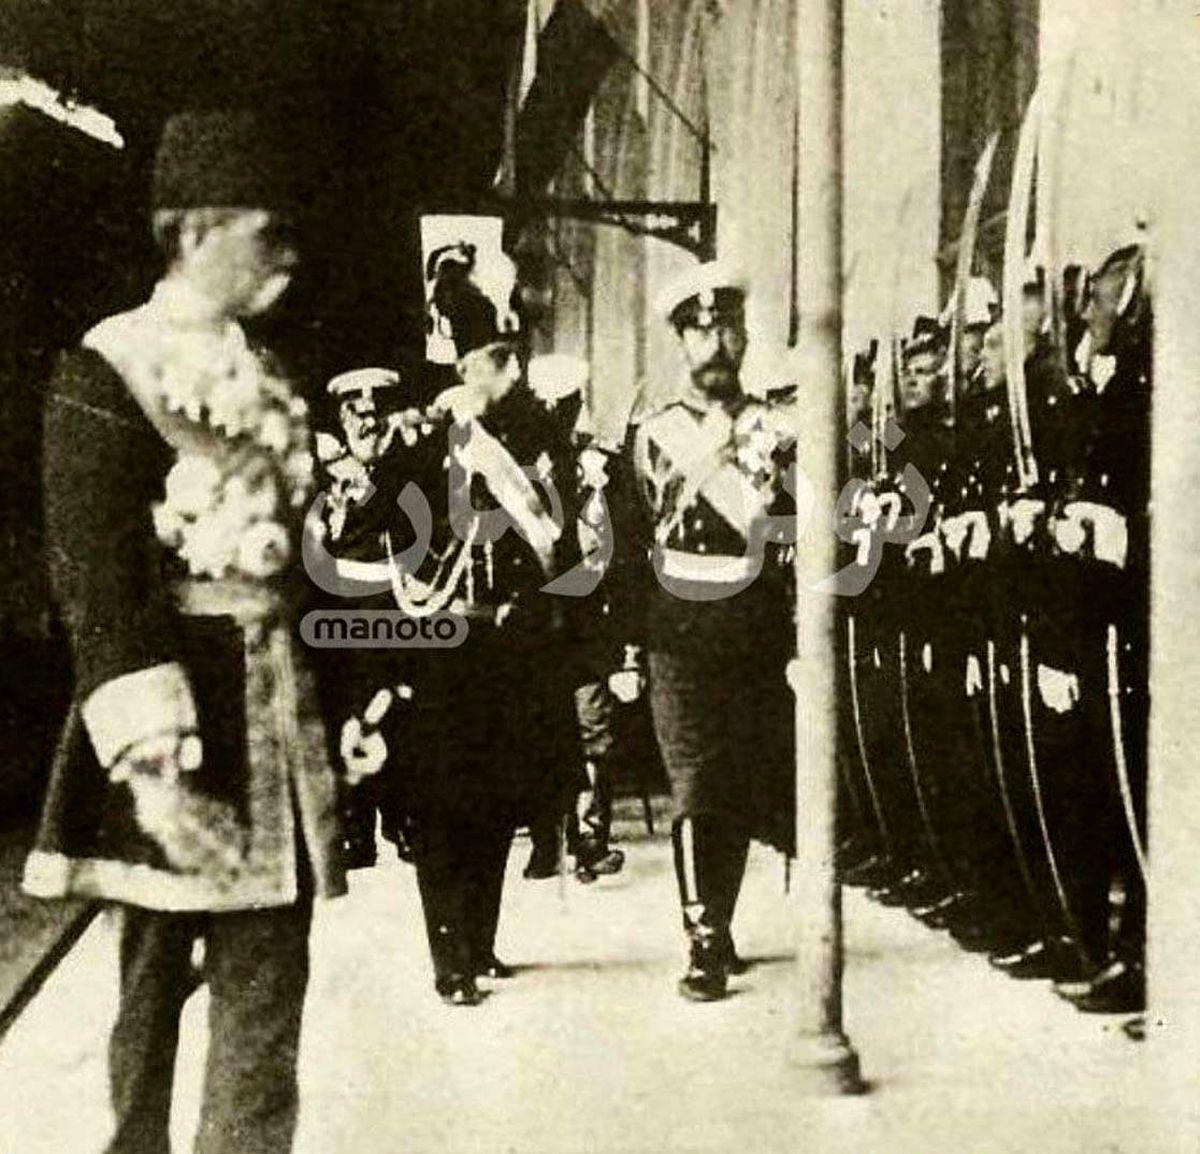 عکس ناب از مظفرالدین شاه و تزار روسیه در ایستگاه راه آهن سن پترزبورگ